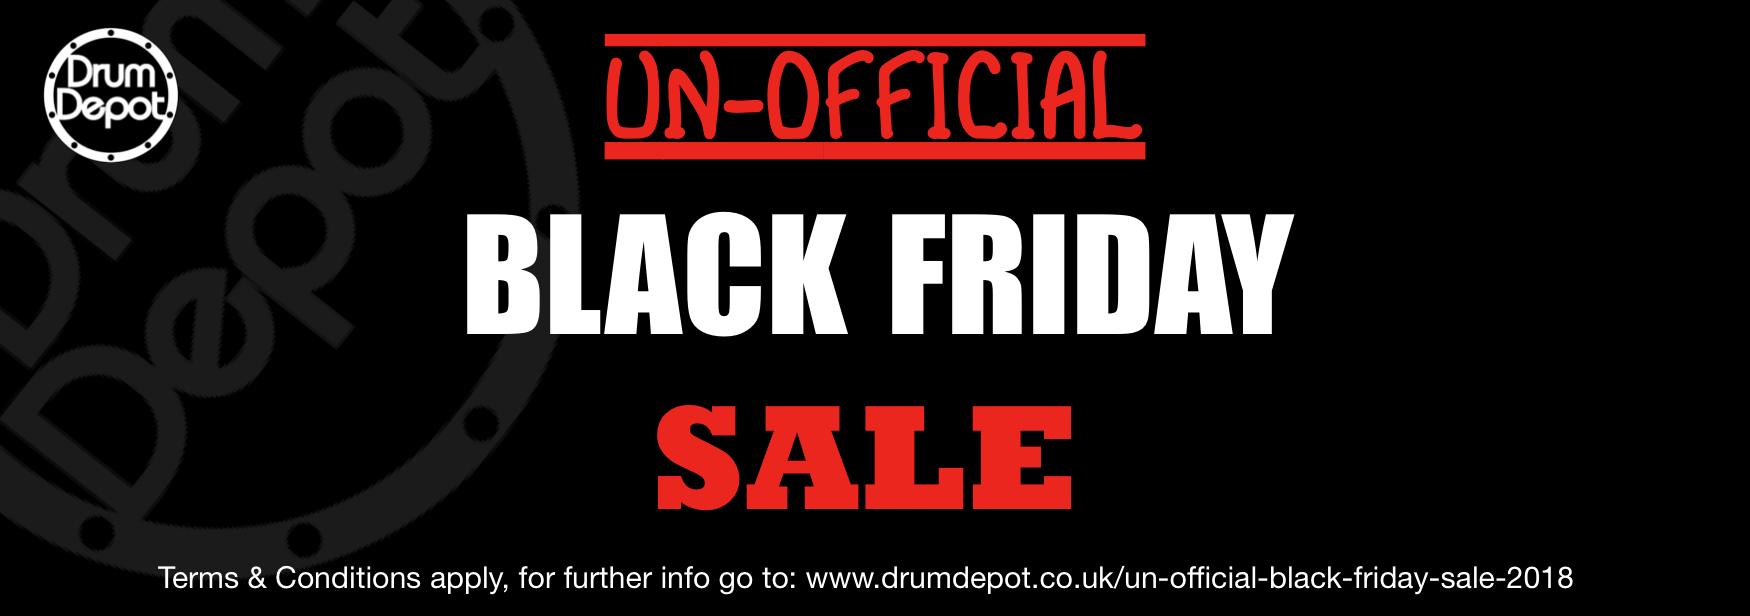 Un-Official Black Friday Sale 2018